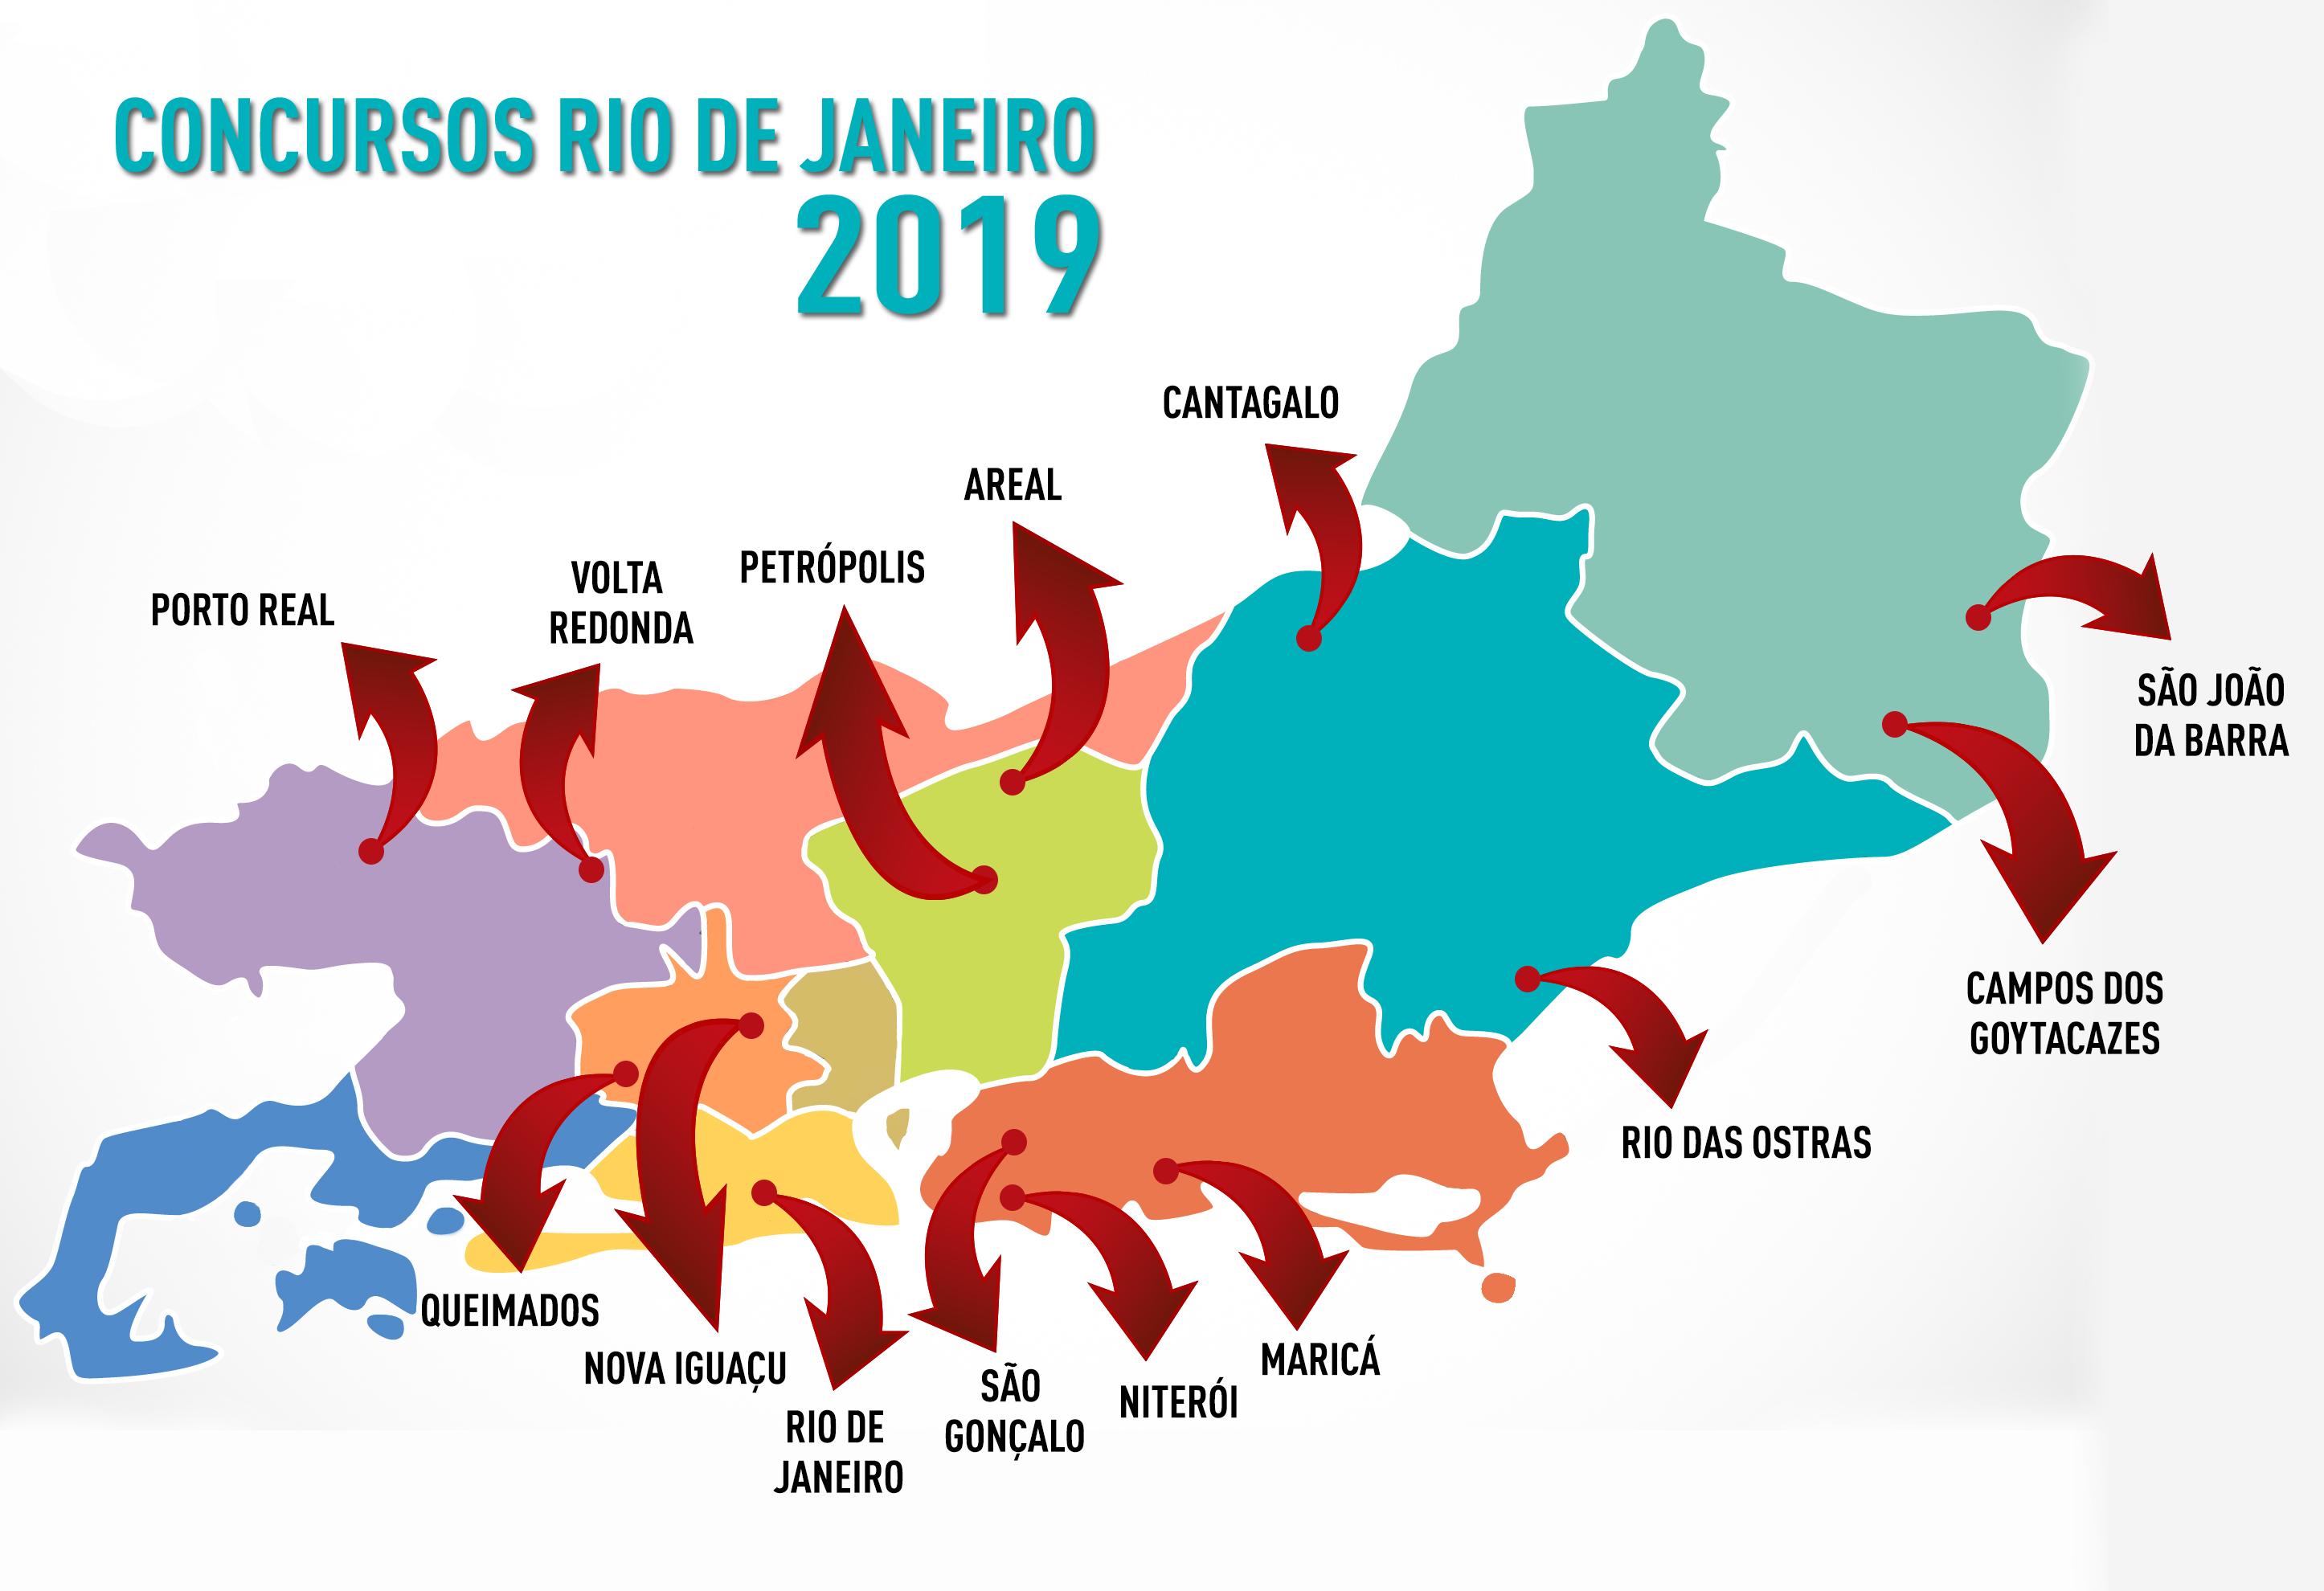 Mapa dos concursos Rio 2019